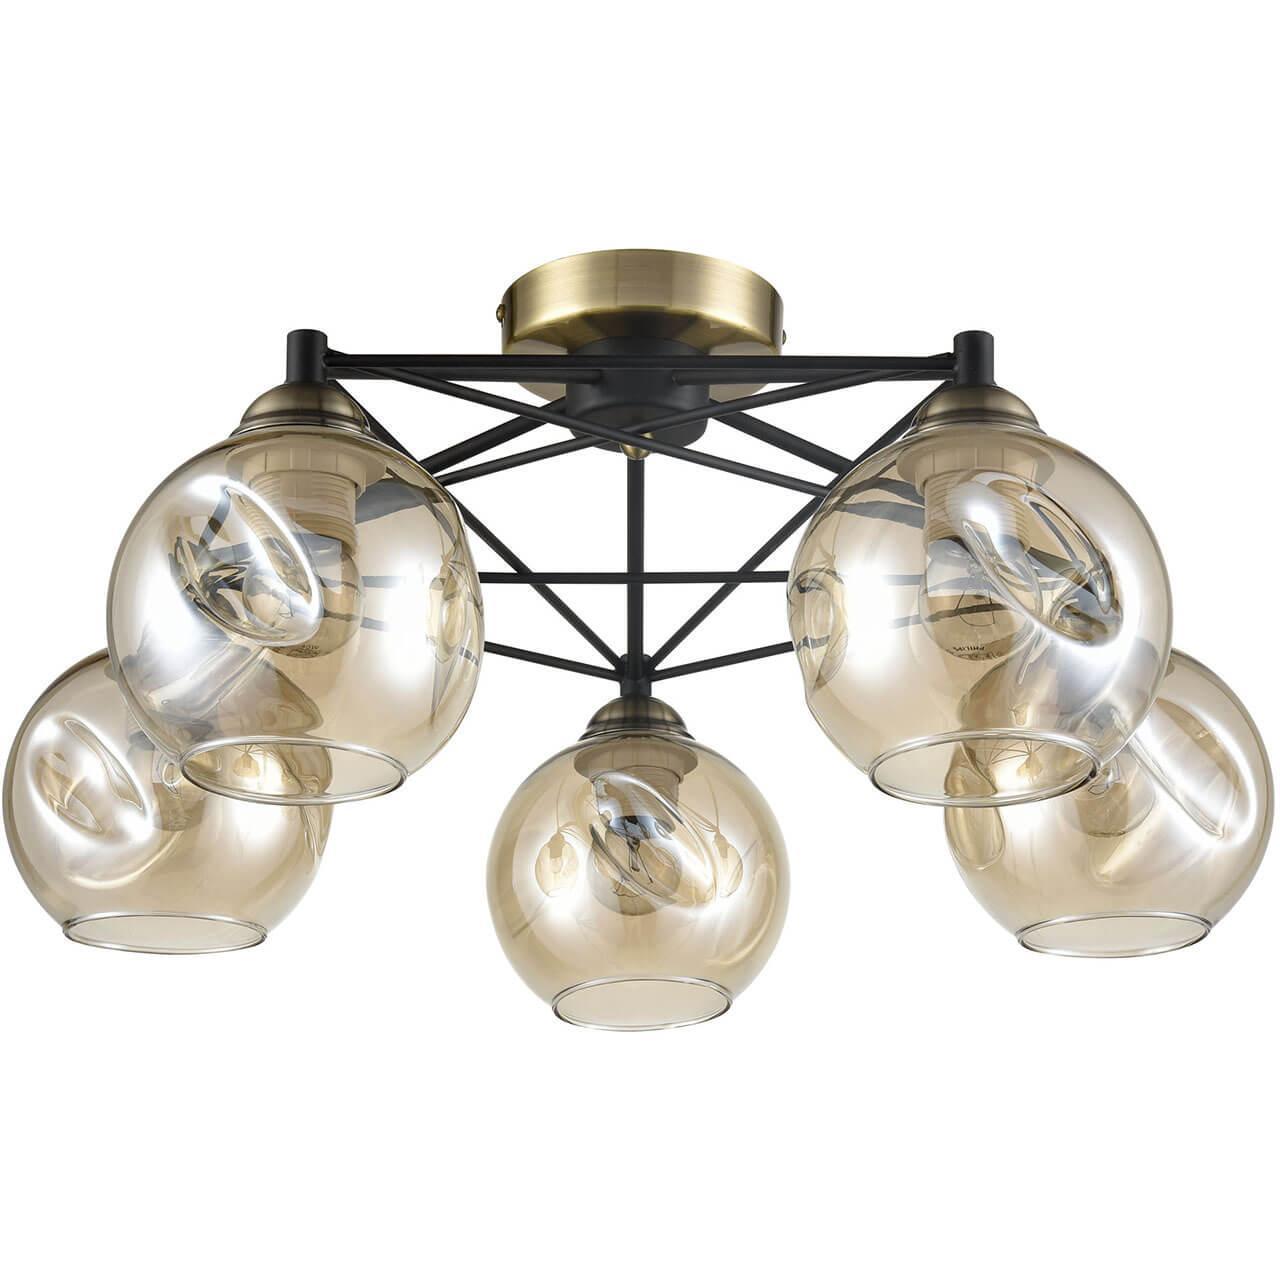 Люстра Vele Luce Furia VL1882L05 потолочная потолочная люстра vele luce fedele vl1365l05